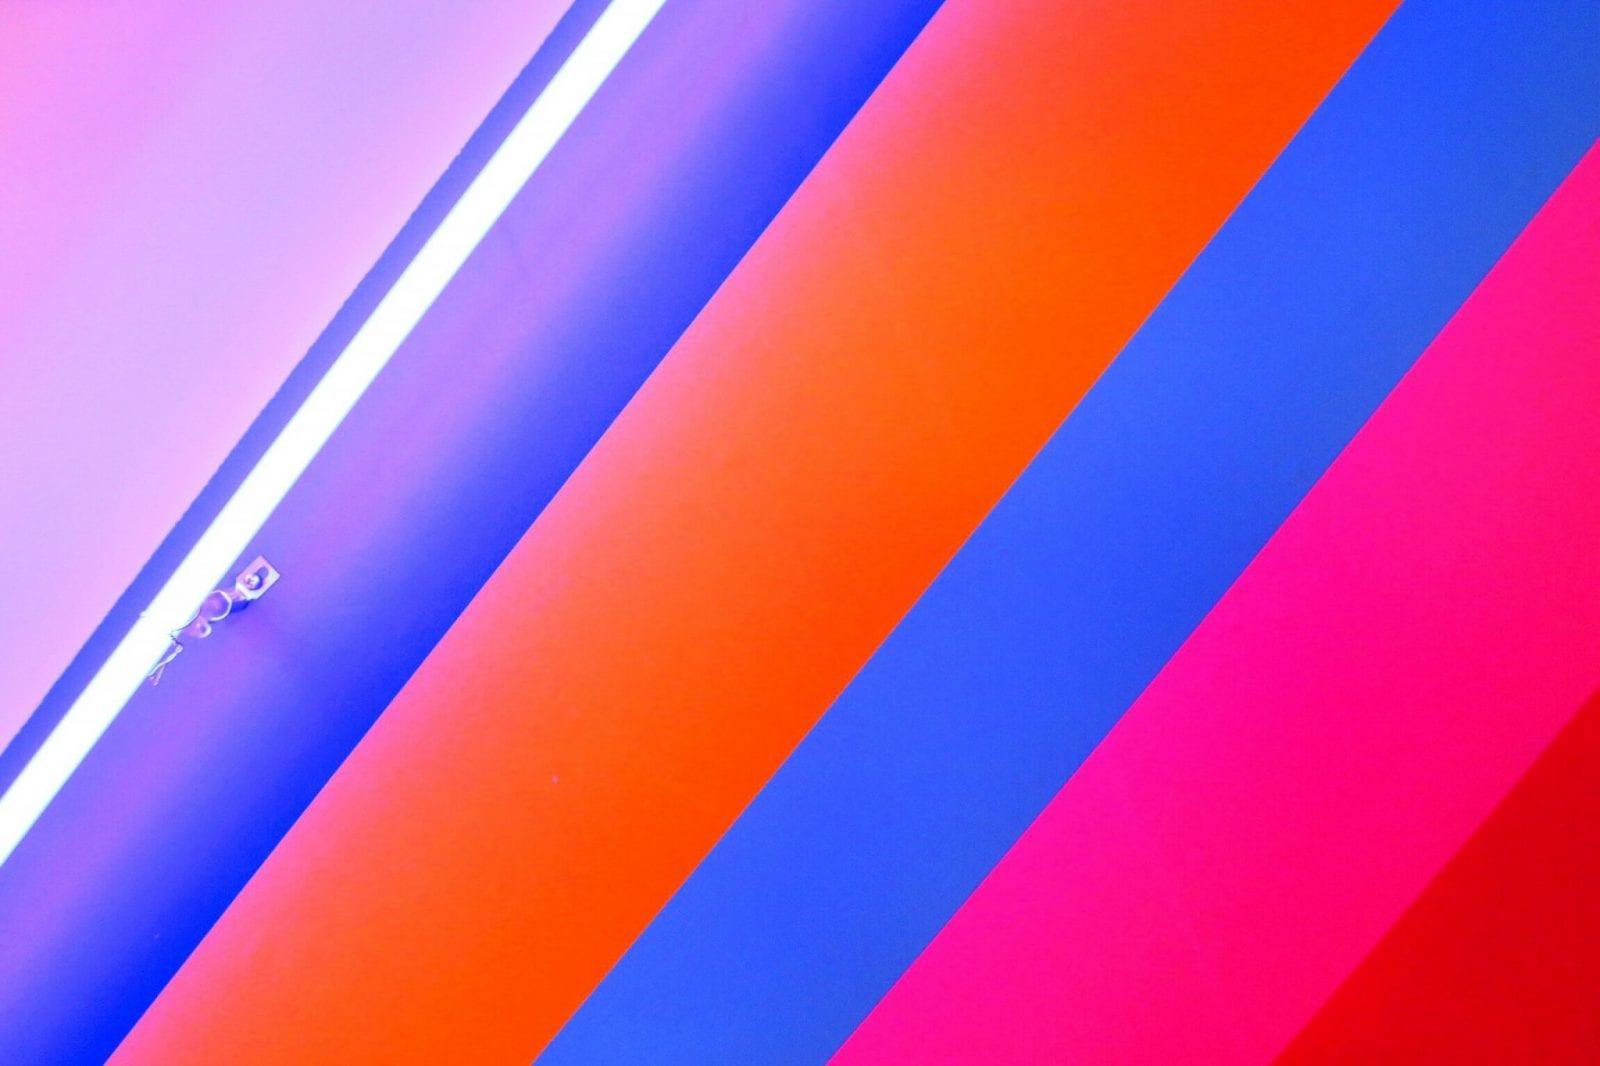 Novembre coloré: soyez en ligne avec les trends!